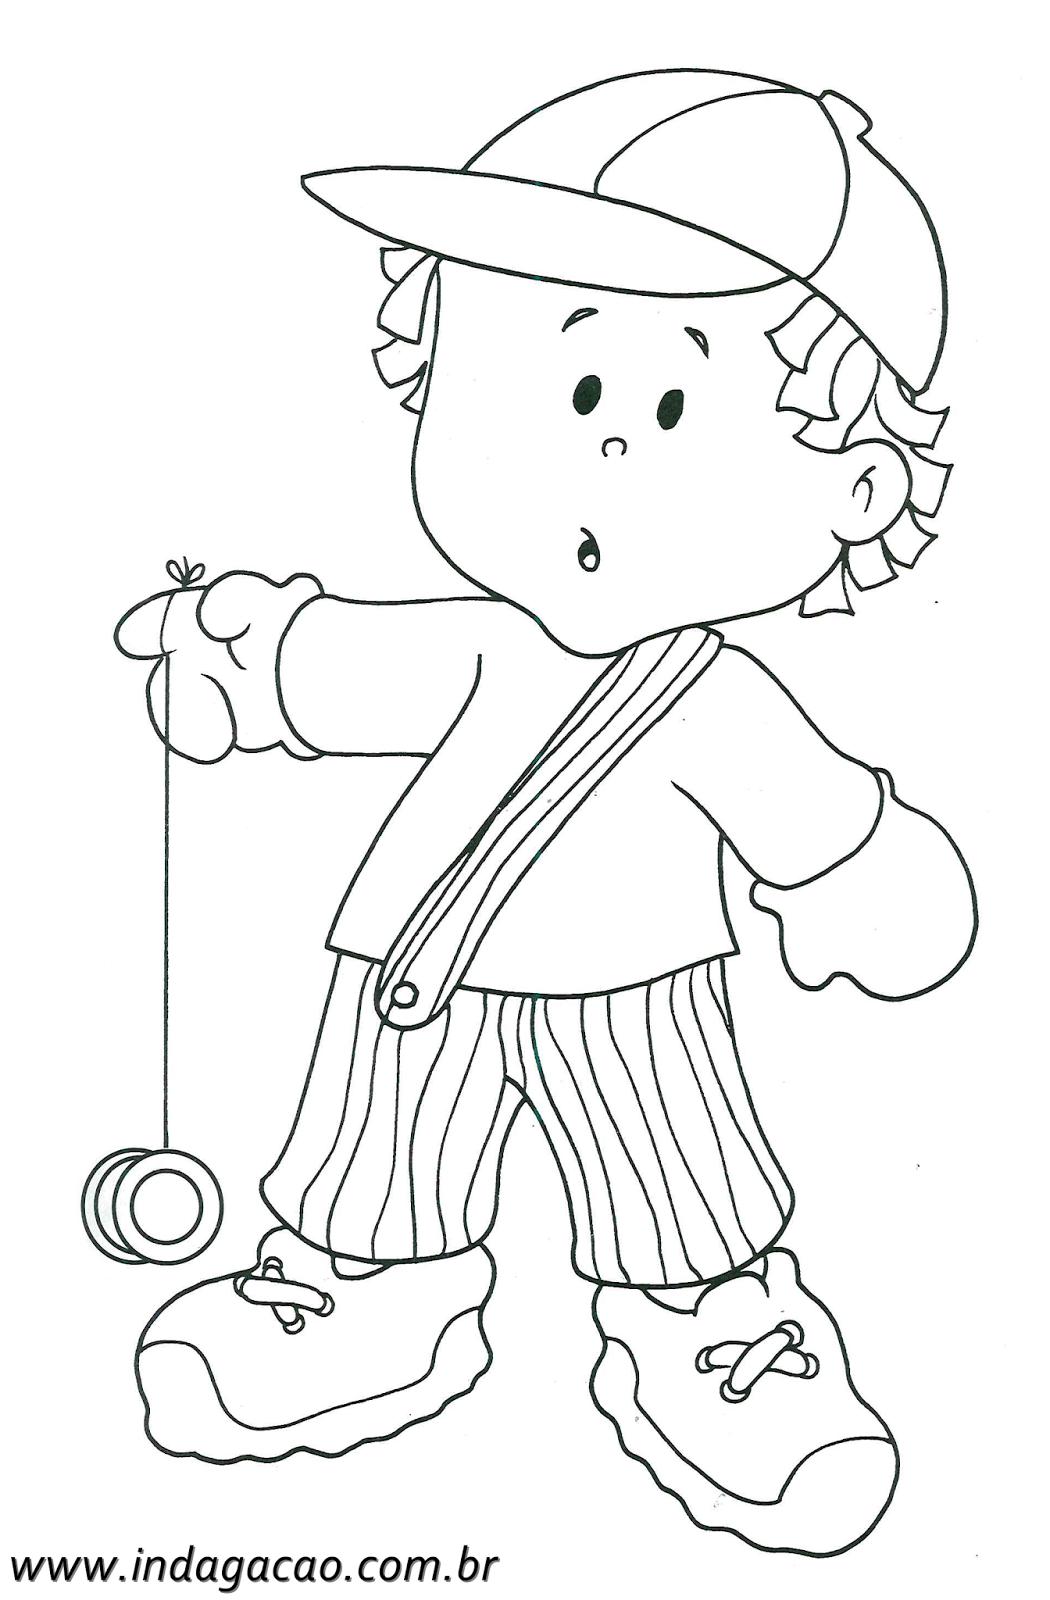 Desenho De Menino Brincando Com Ioio Para Colorir Baixar